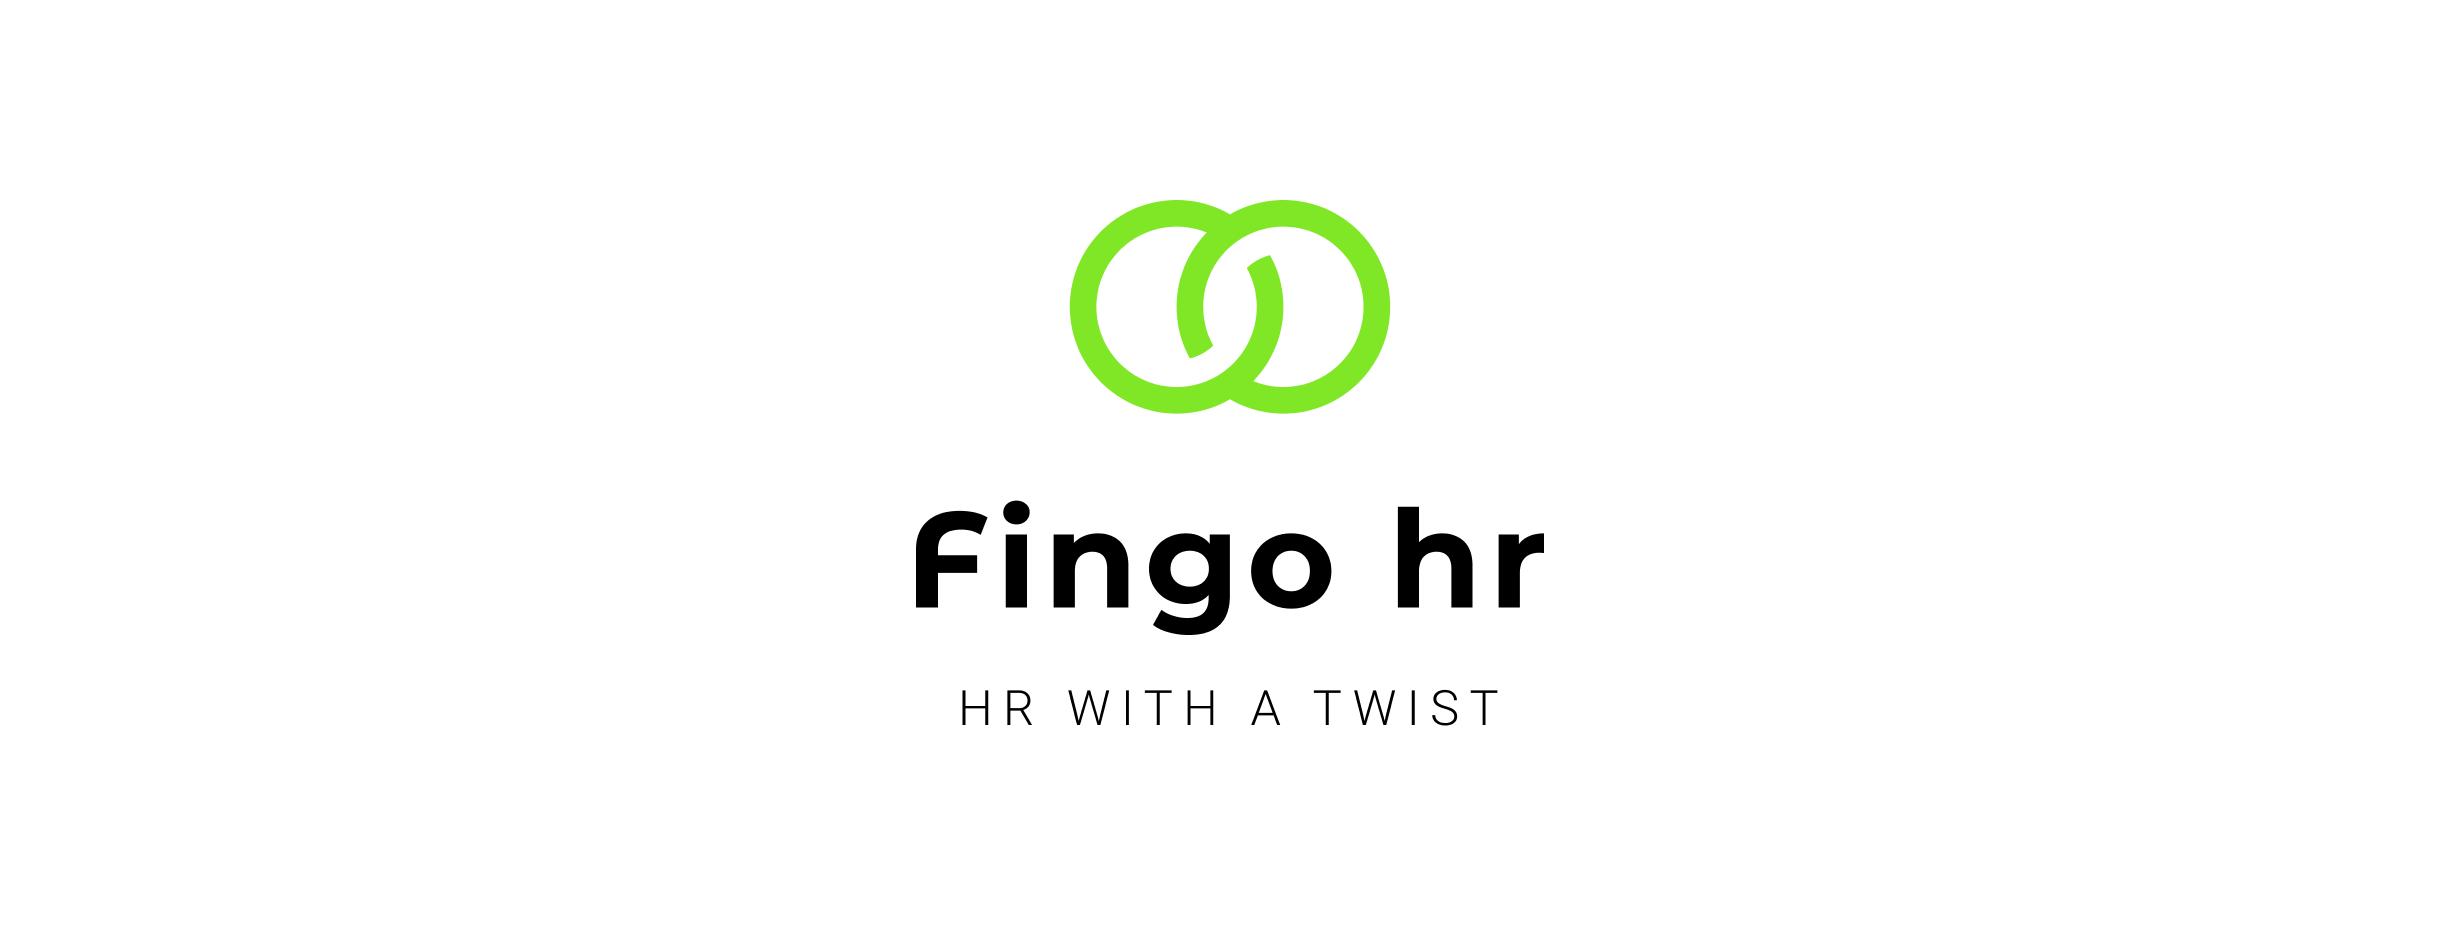 Global HR | Fingo HR